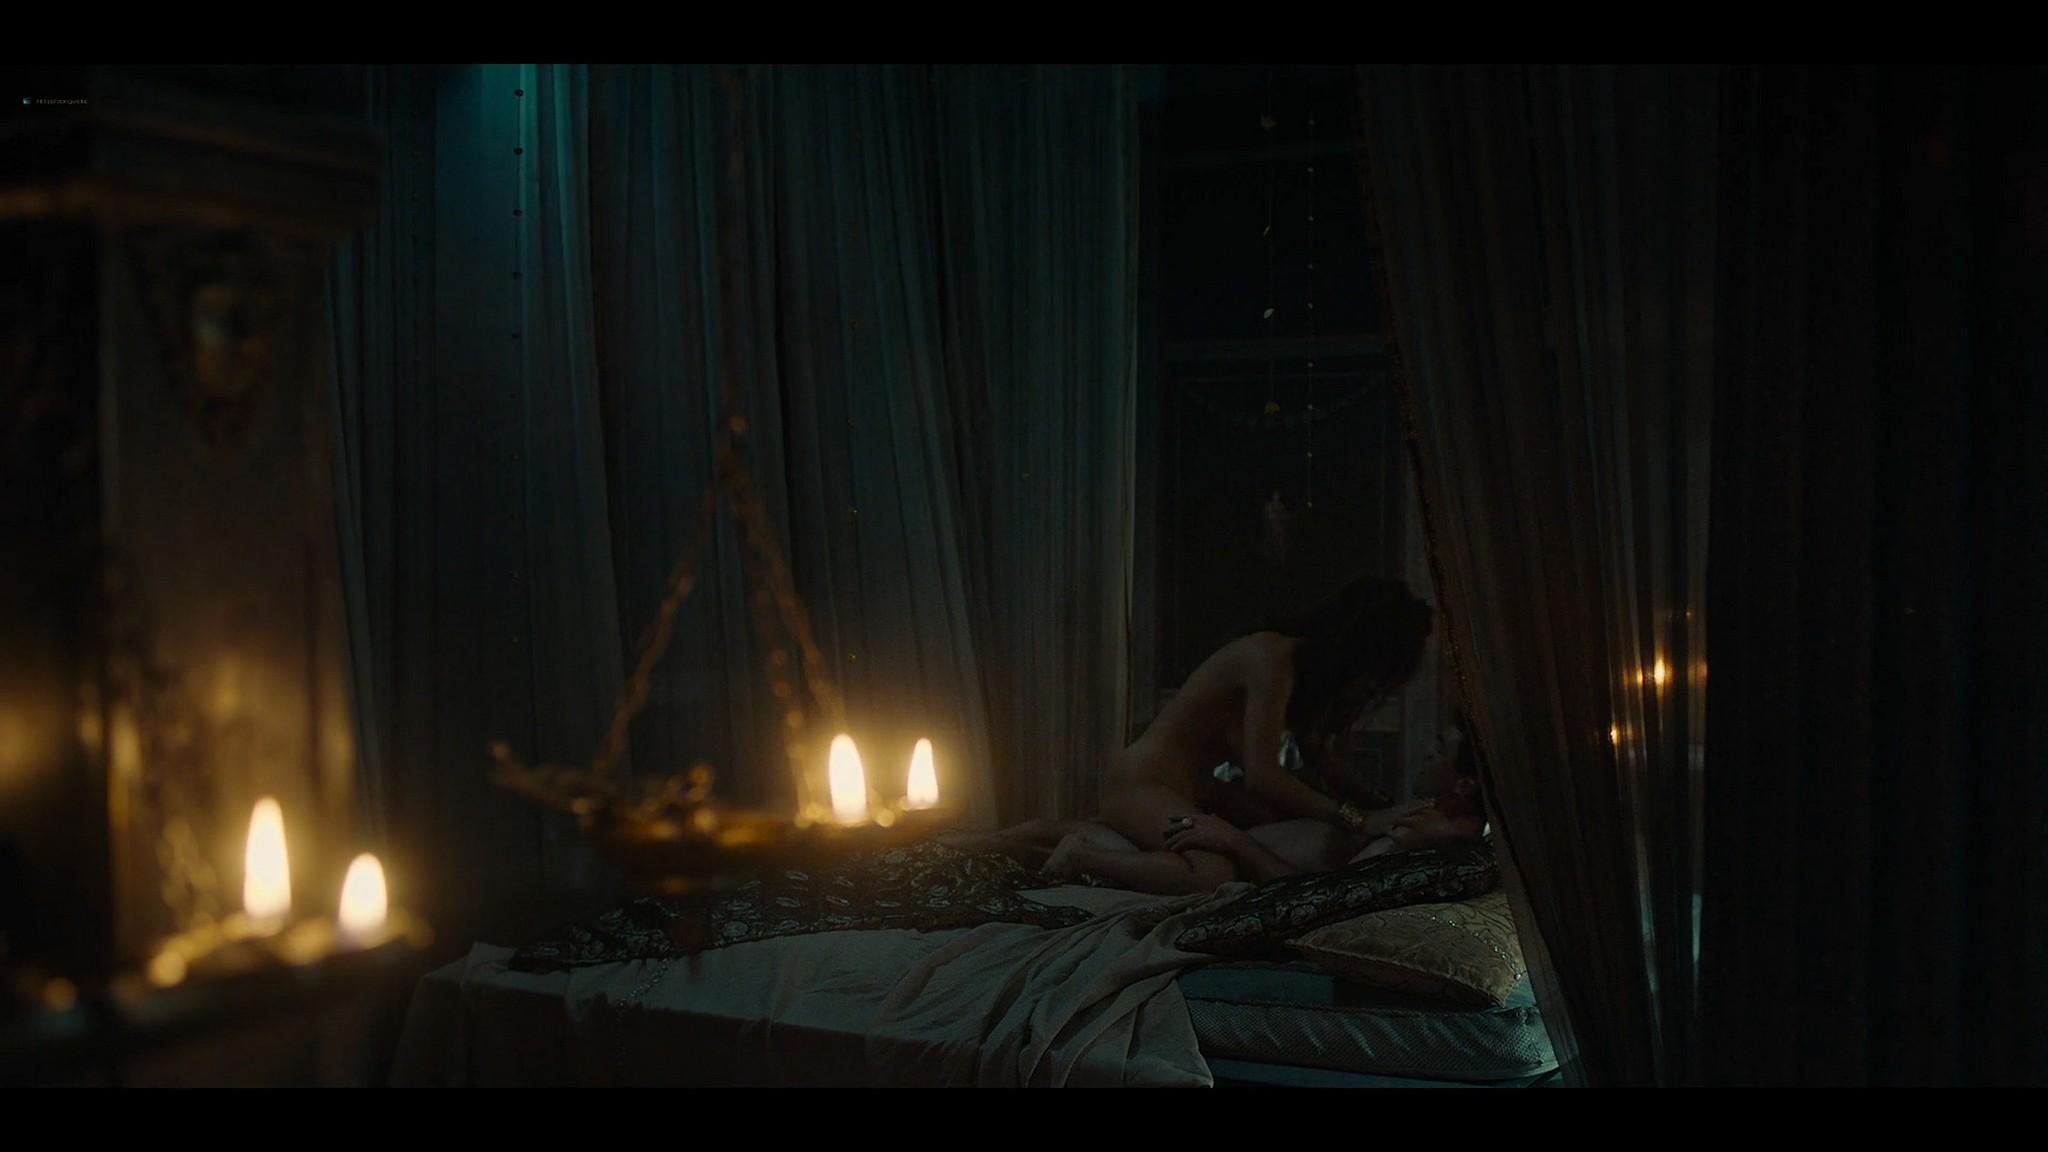 Kasia Smutniak nude sex Alais Lawson nude butt Domina 2021 S1 1080p Web 15